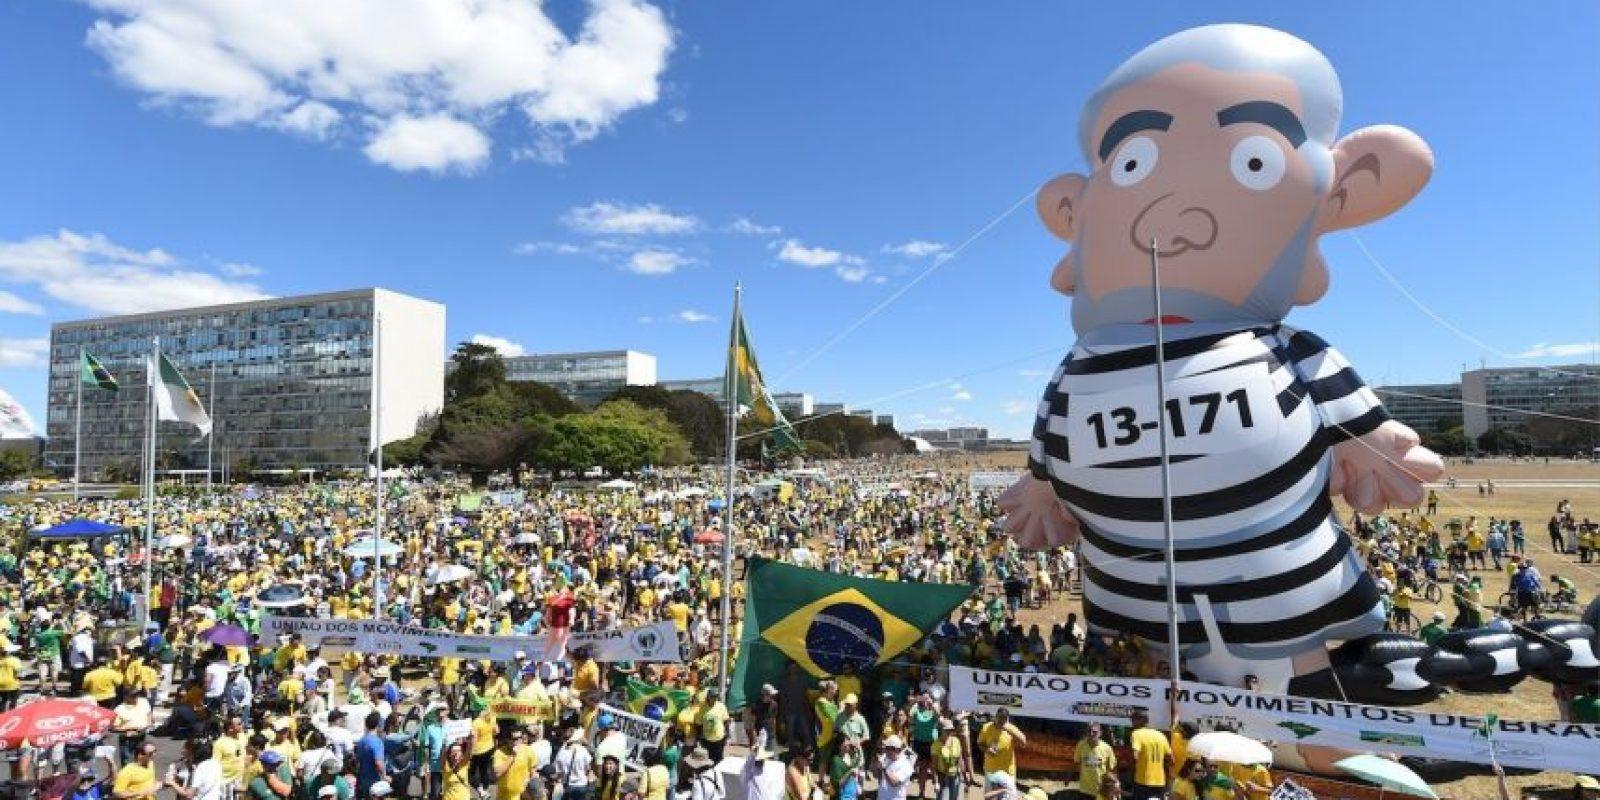 Los opositores a Rousseff y al expresidente Lula da Silva volvieron a salir a las calles Foto:AFP